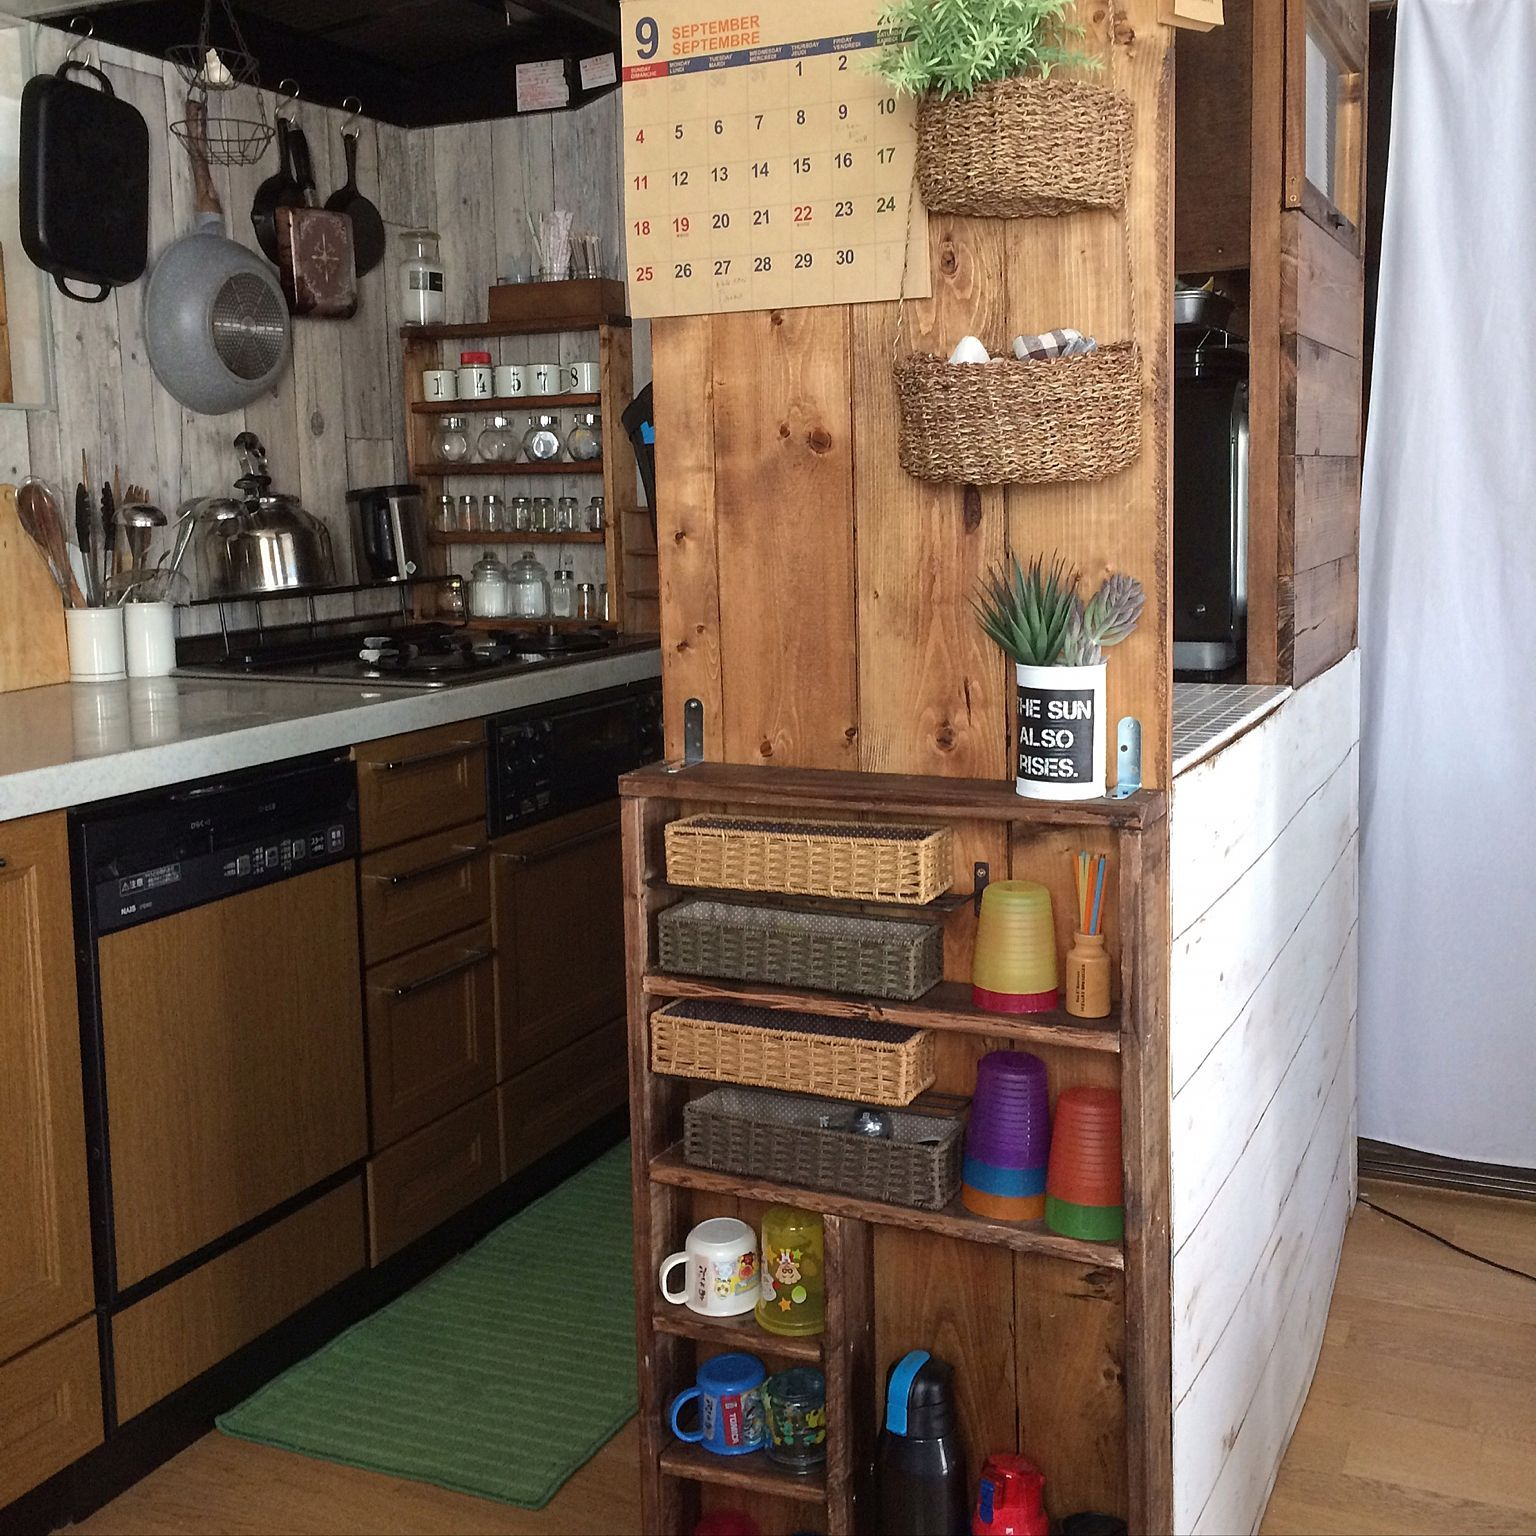 狭い部屋のインテリア実例5例 広く見える工夫や収納は 部屋